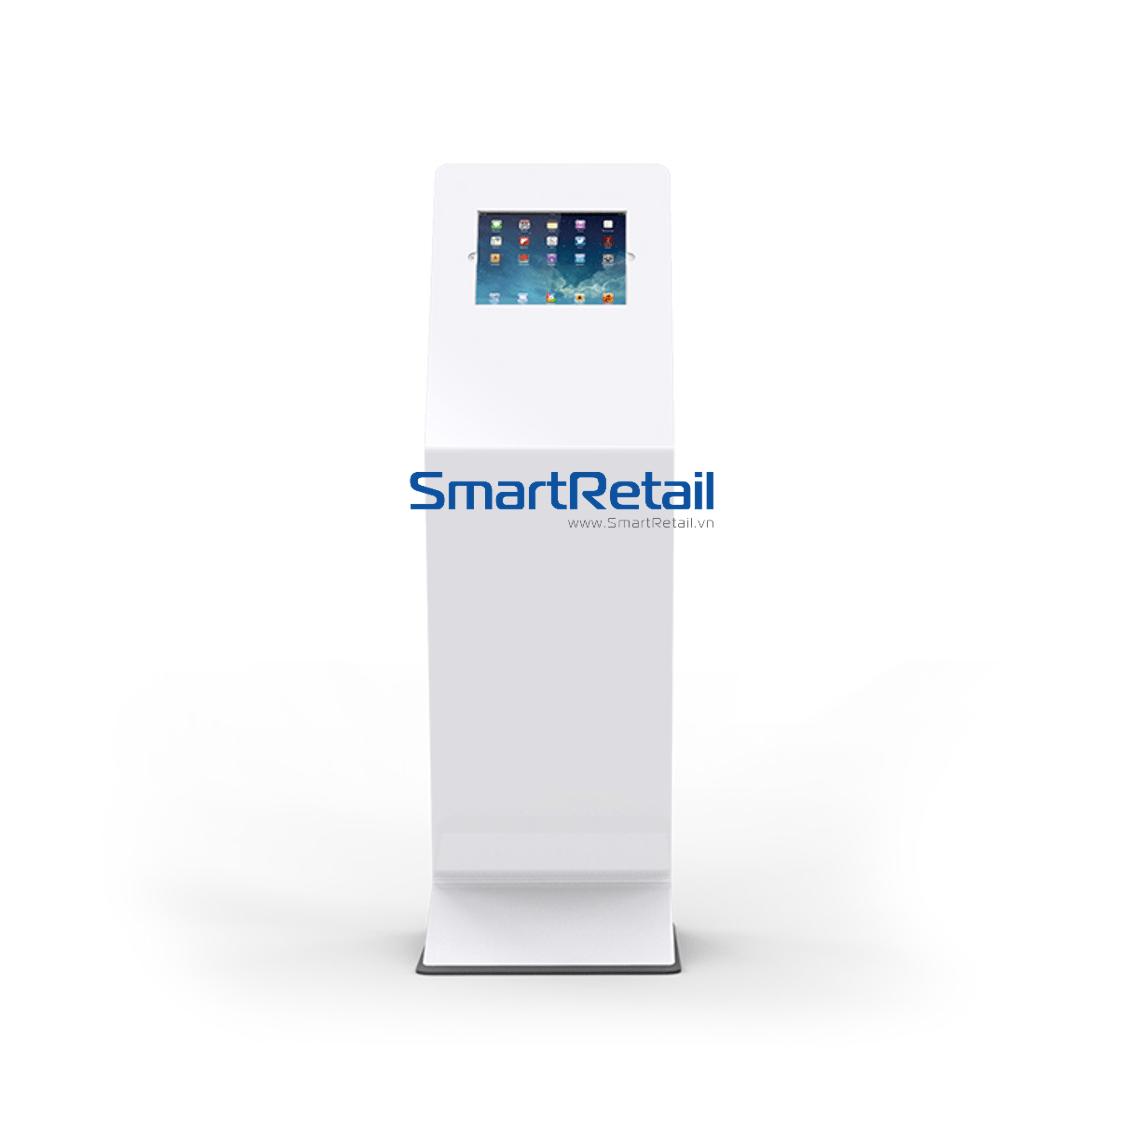 Giá đỡ máy tính bảng chân đứng SF-105 - SmartRetail - 0935888489